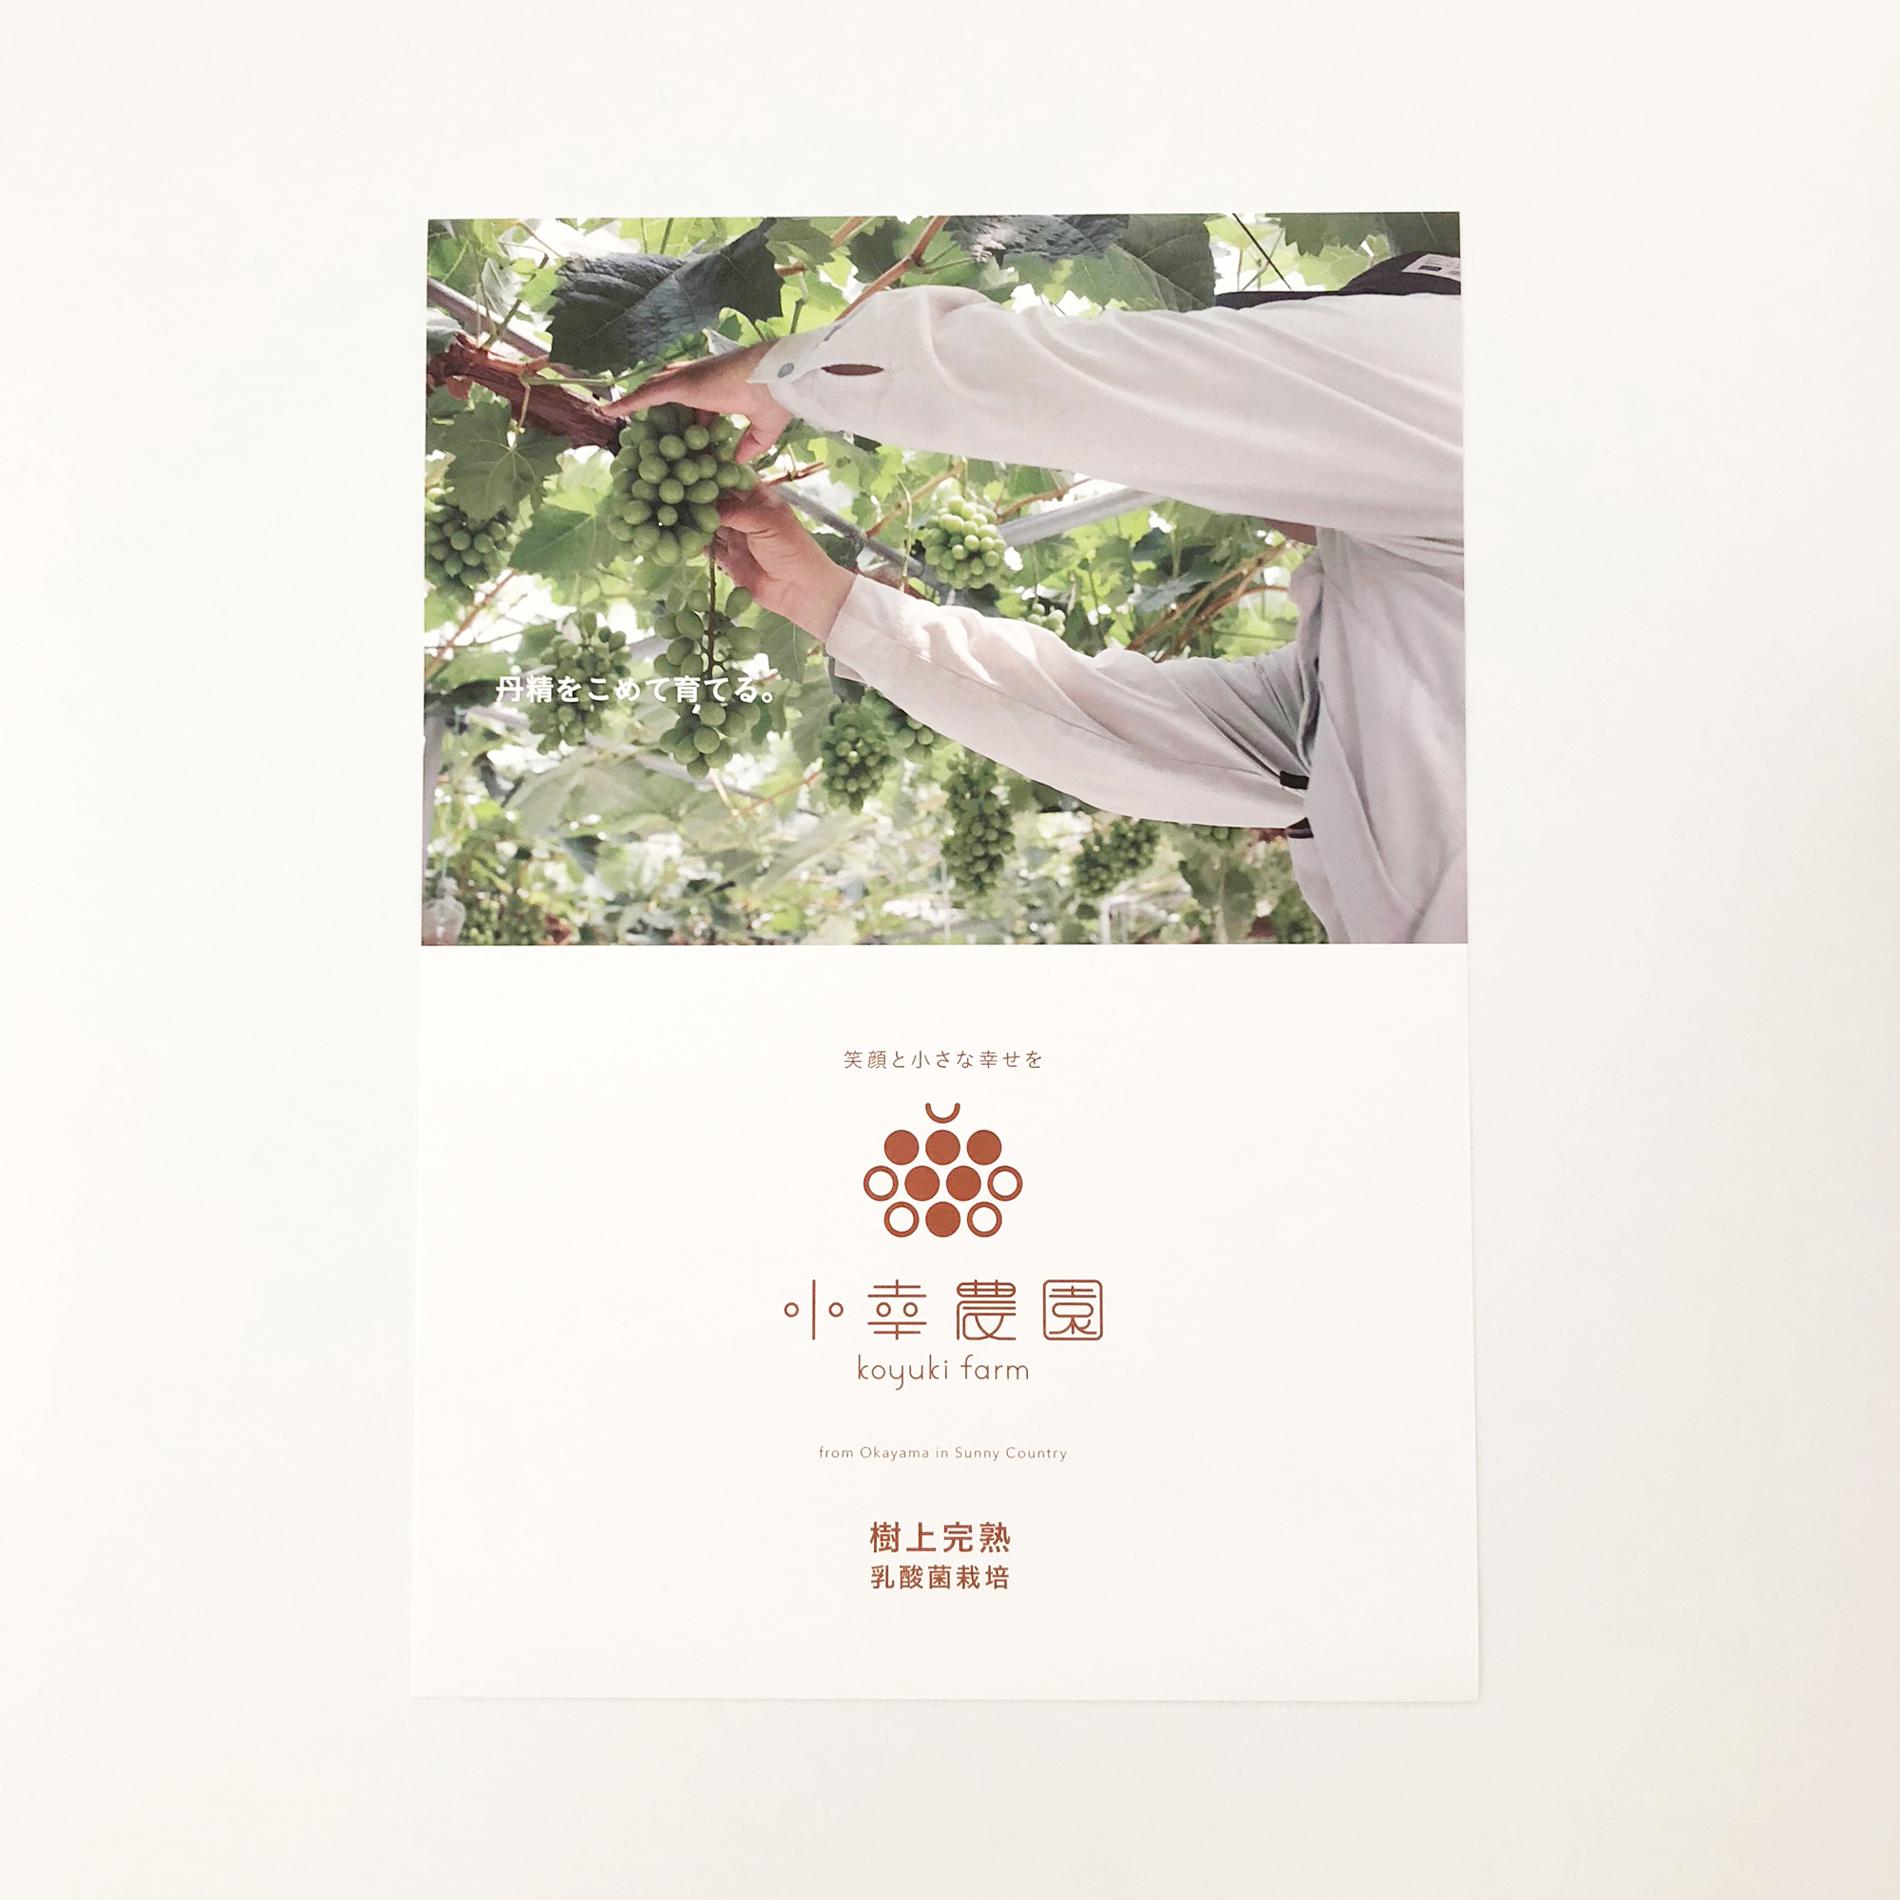 koyuki-farm-vi-poster2